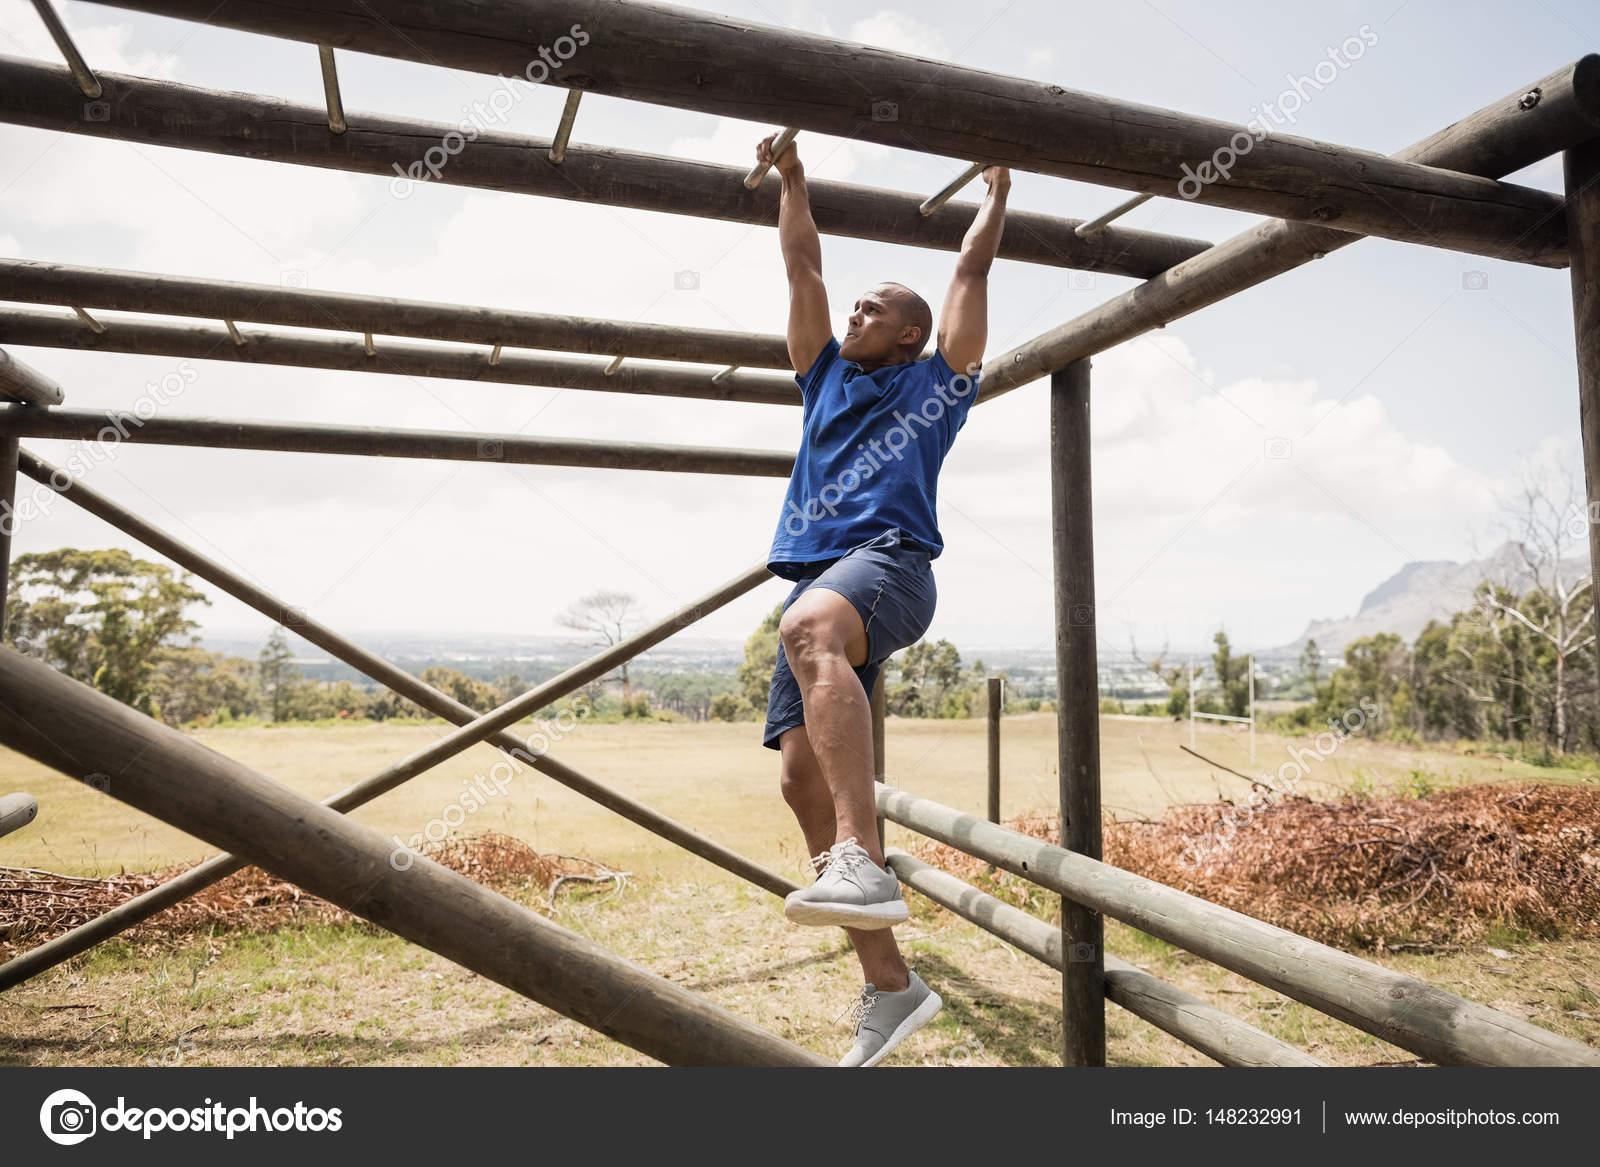 Klettergerüst Boot : Passen sie mann und frau klettern klettergerüst während der